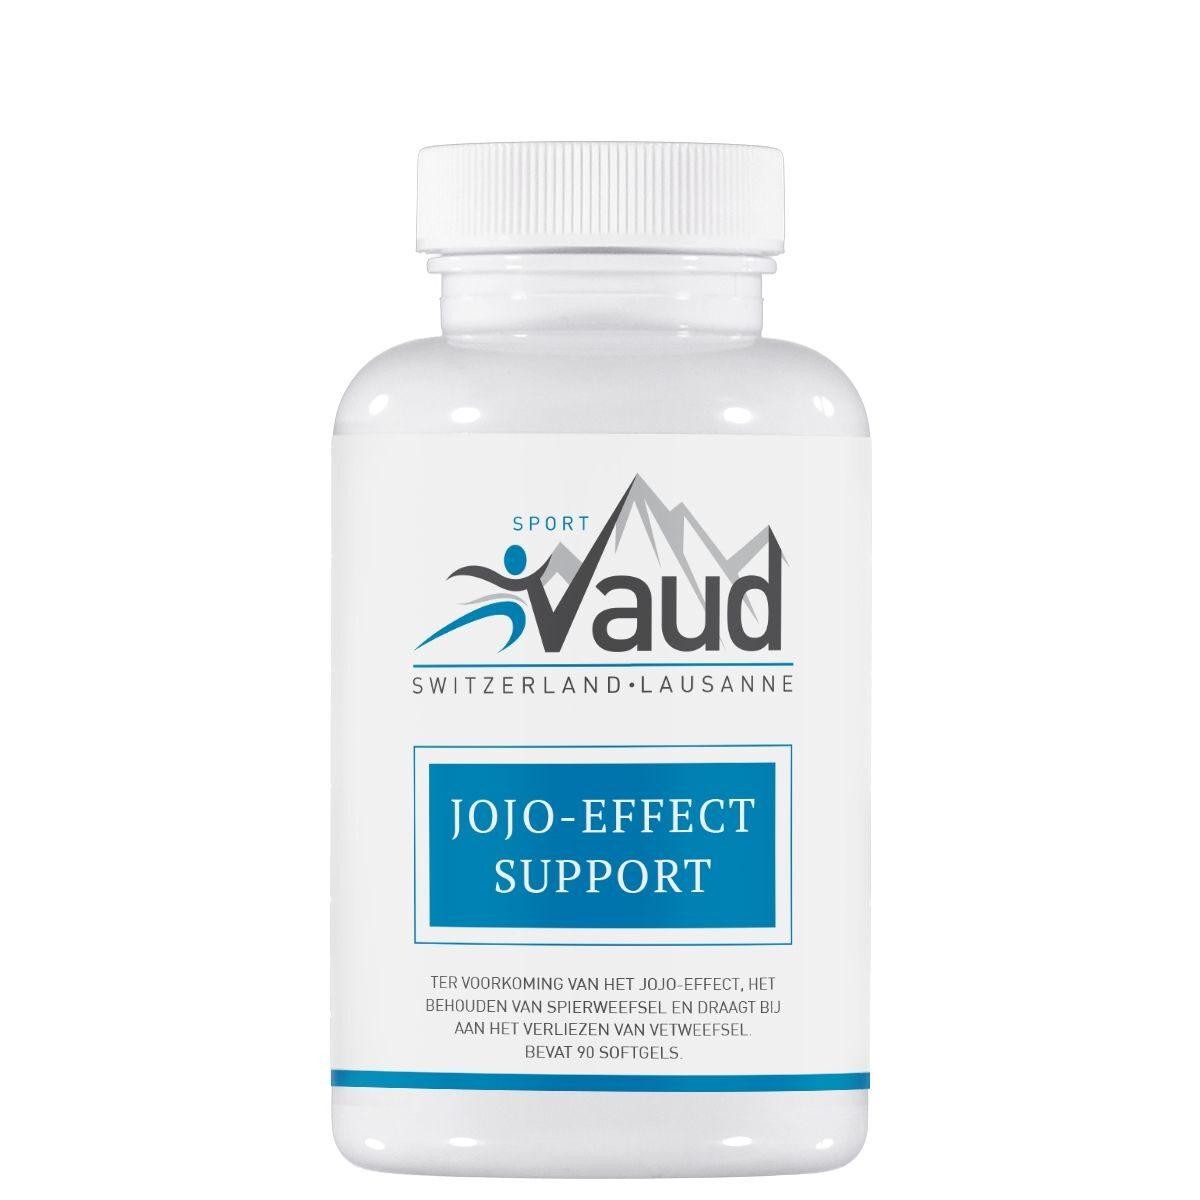 Supplement tegen het JoJo-effect